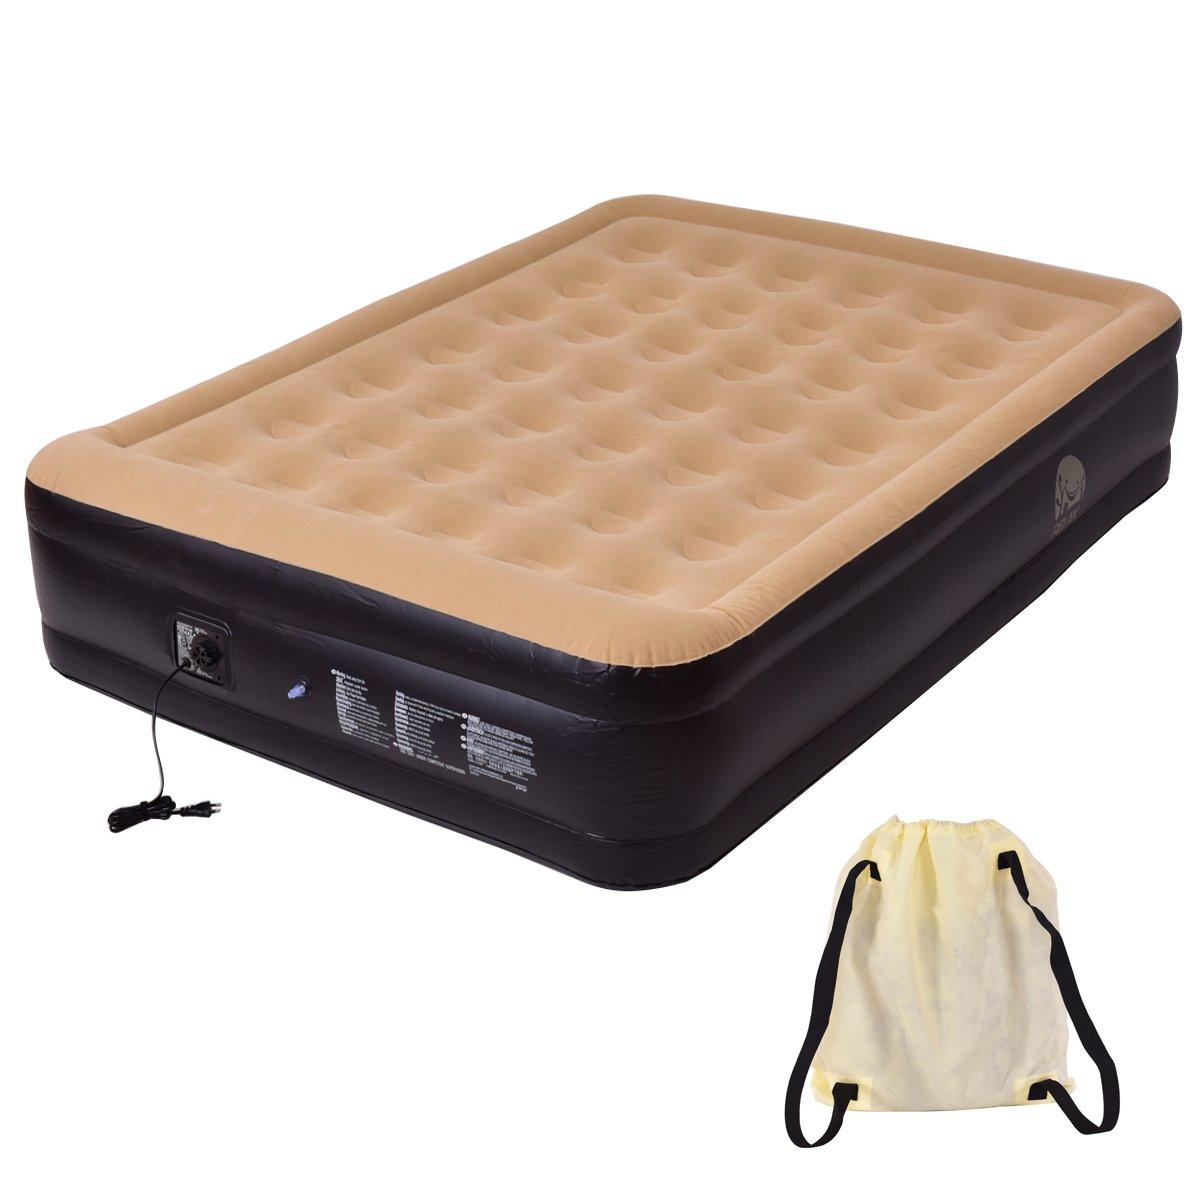 Luftbett Luftmatratze Gästebett Camping Reisebett Feldbett Matratze Bett mit Pumpe aufblasbar 203x157x47cm Blitzzauber 24